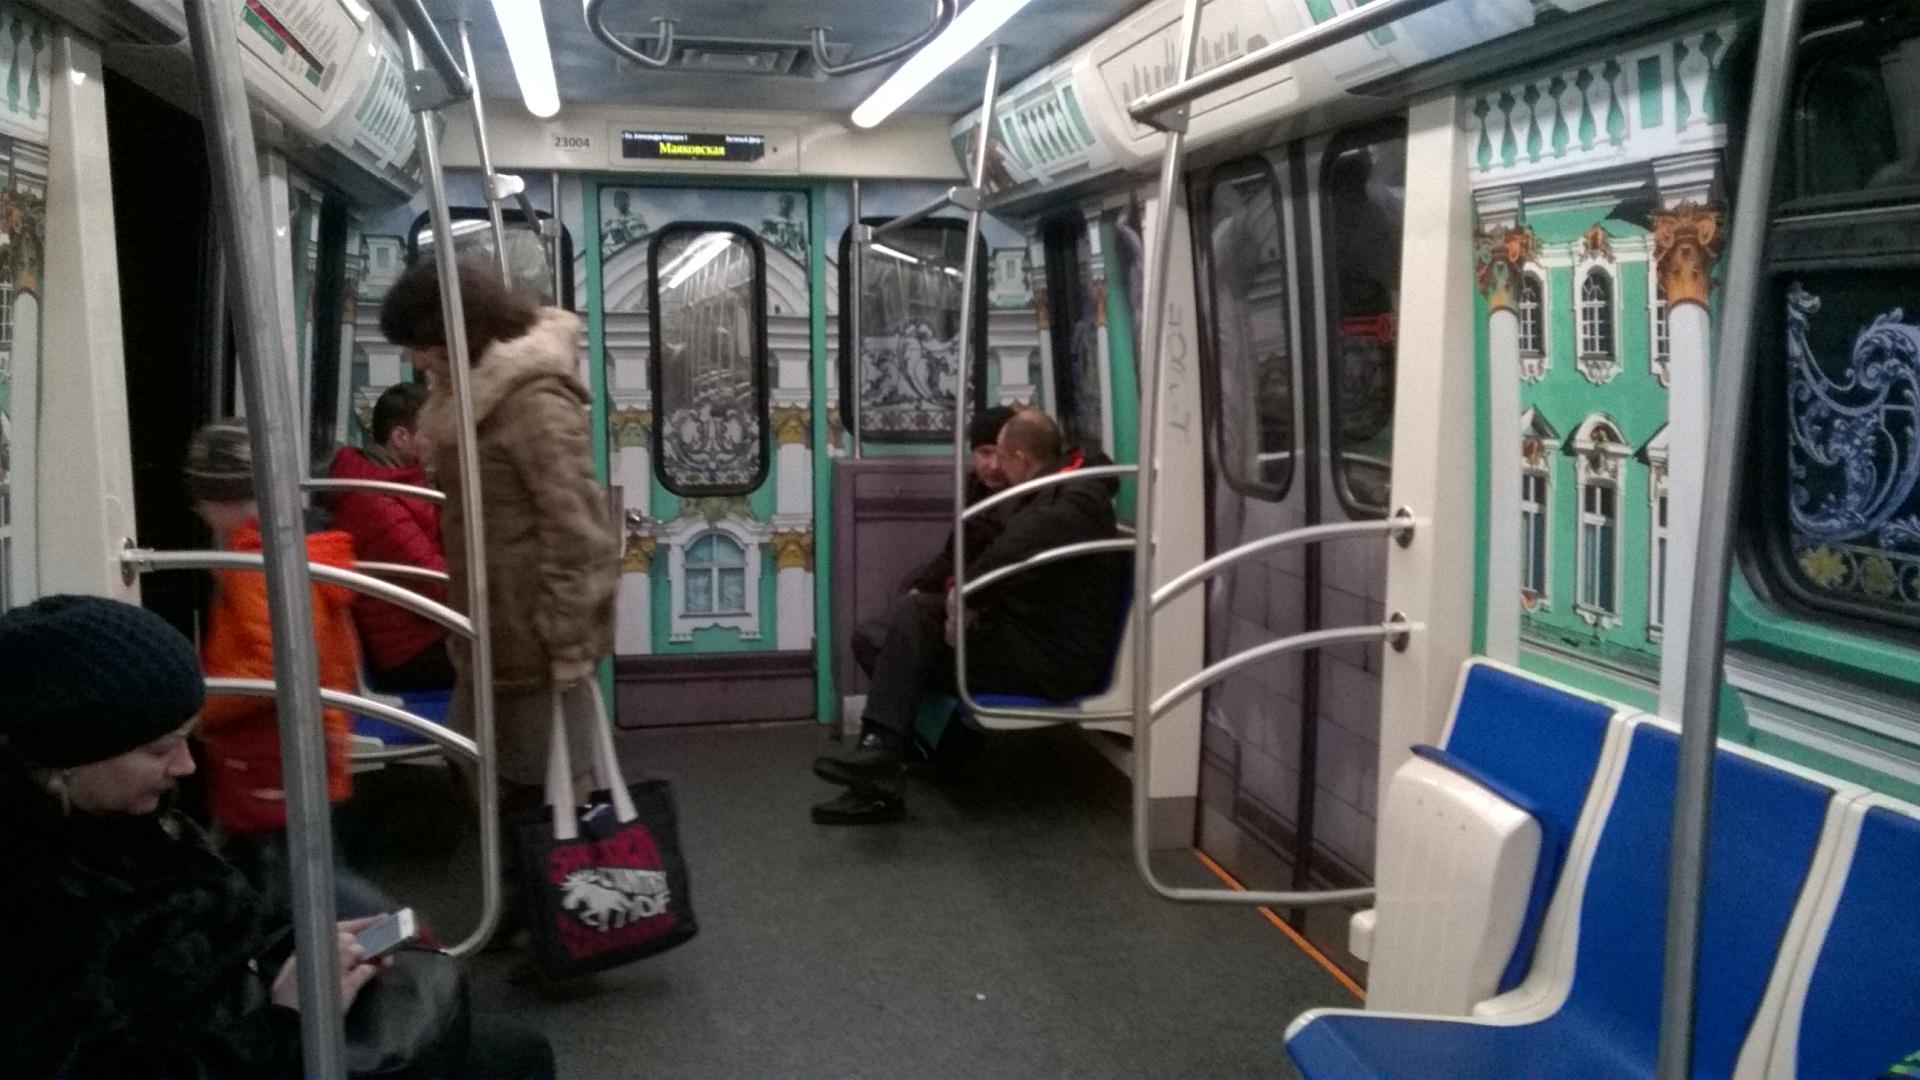 словами, кимвры прикольные фото в харьковском метрополитене среда для развития